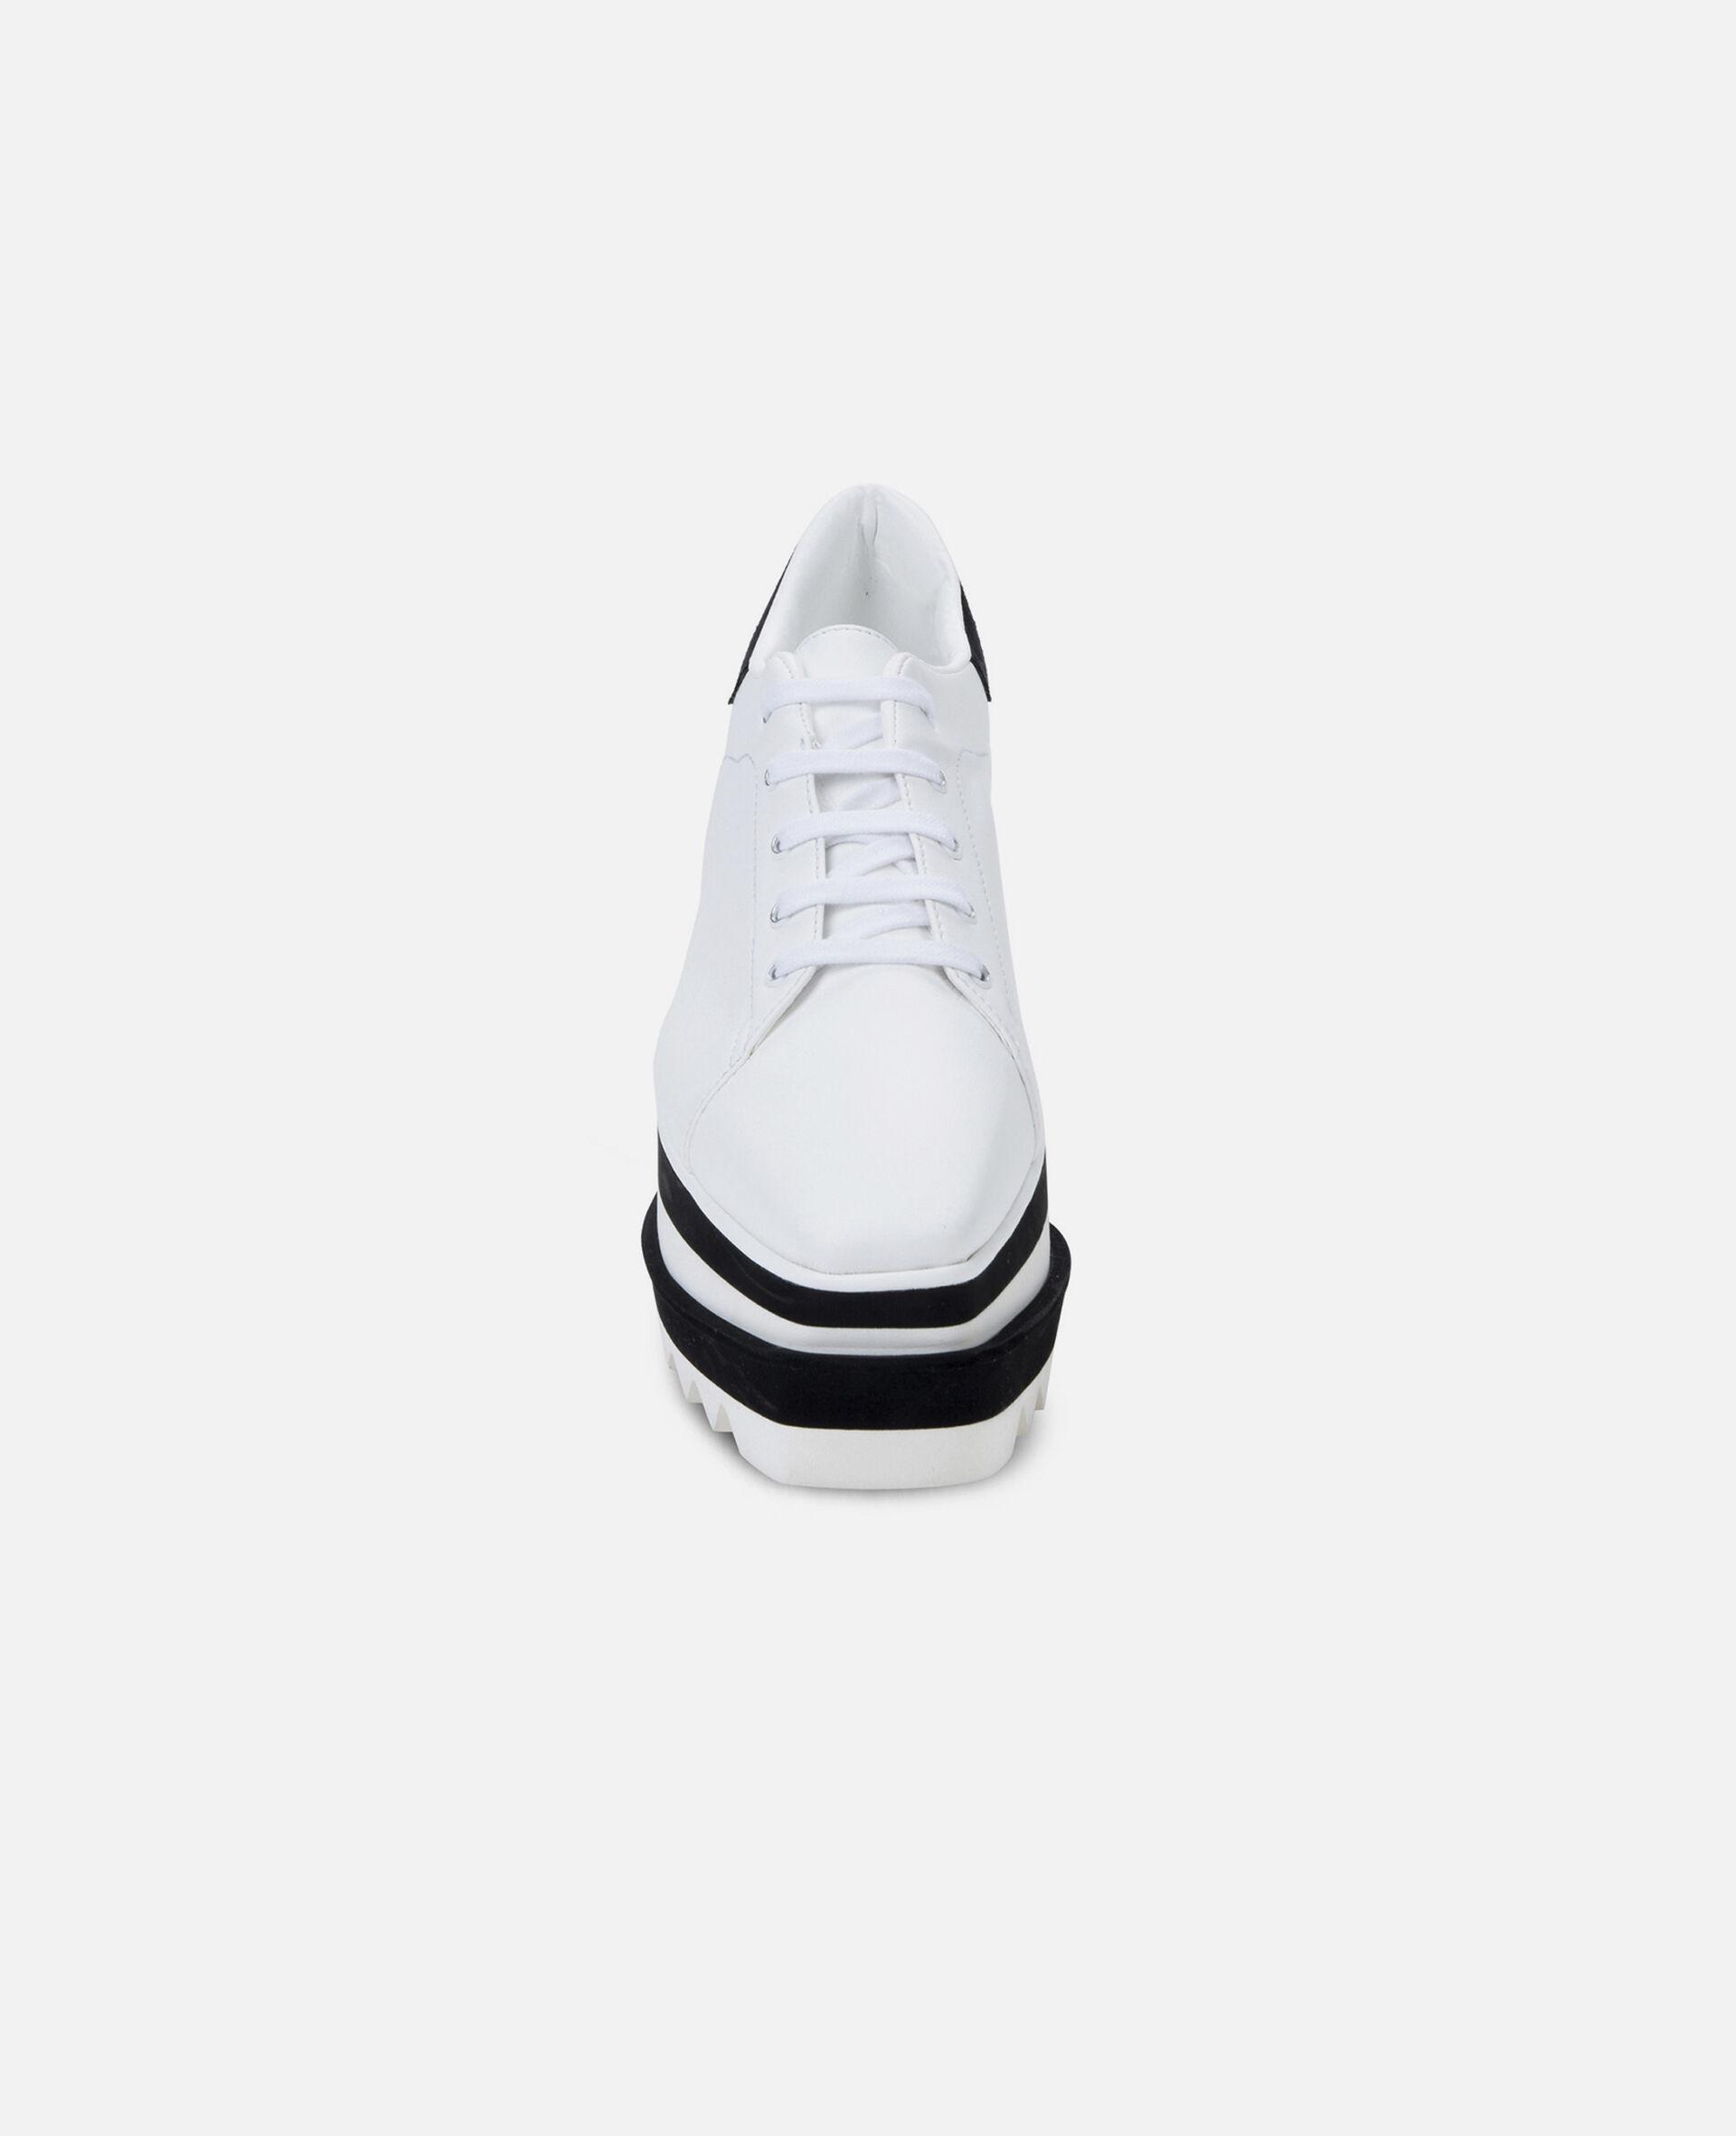 Sneakers Sneak-Elyse-Blanc-large image number 2